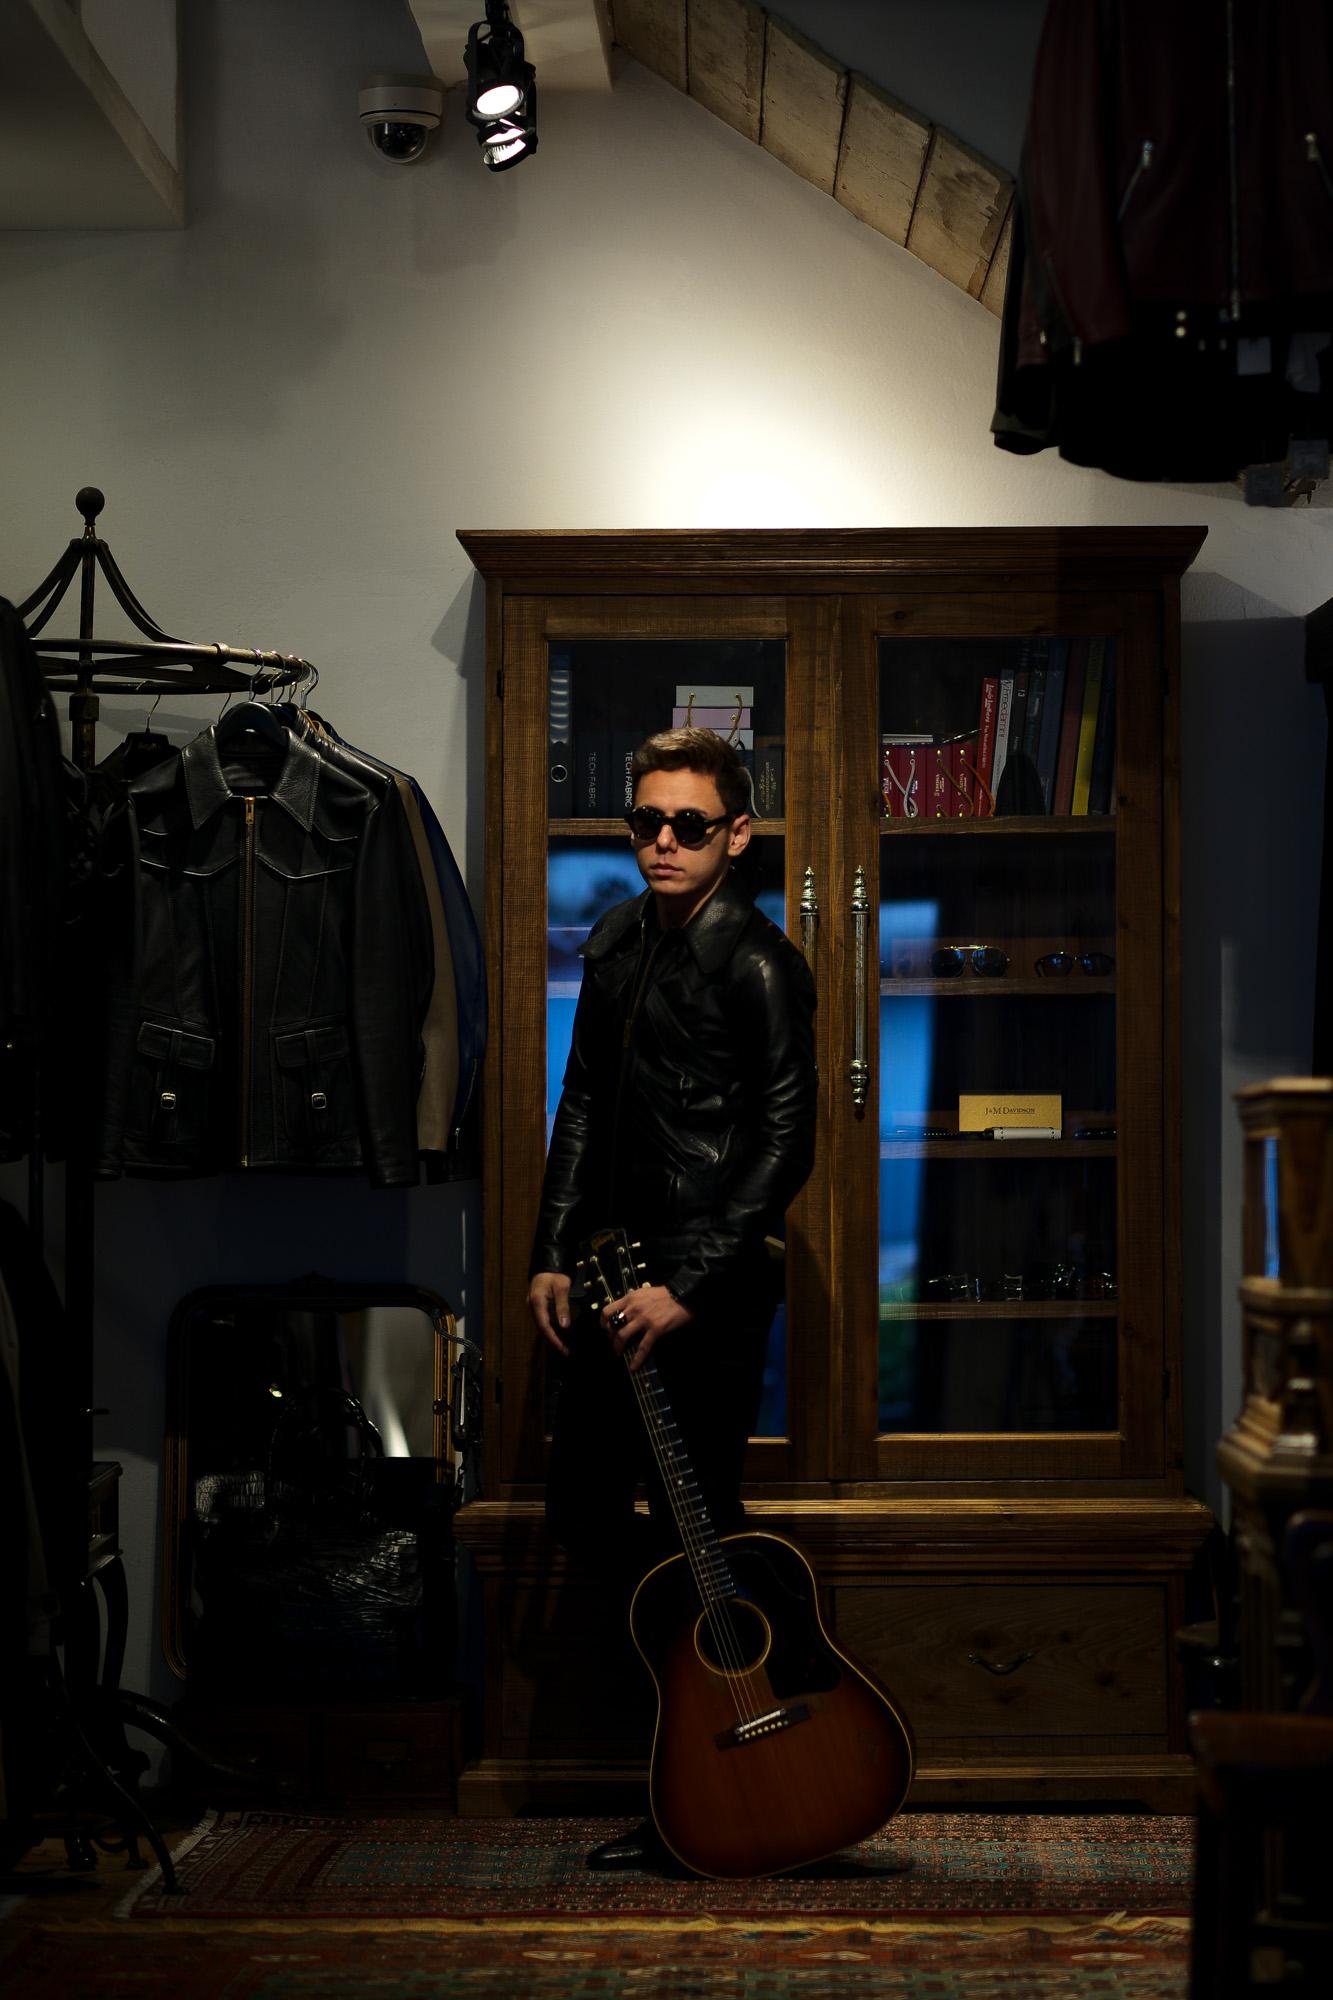 """cuervo bopoha (クエルボ ヴァローナ) Satisfaction Leather Collection (サティスファクション レザー コレクション) East West (イーストウエスト) WINCHESTER (ウィンチェスター) BUFFALO LEATHER (バッファロー レザー) レザージャケット BLACK (ブラック) MADE IN JAPAN (日本製) 2020 春夏新作 愛知 名古屋 altoediritto アルトエデリット Gibson ギブソン J-45 1959年製 ビンテージギター """"59"""" Gibsonマニアには特別な響きで神格化された一年。  ヴィンテージ専門に扱えるリペアマンに細部の調整を依頼。特にフレットを一度抜き溝をクリーニングして貰った事によるプレイアビリティ、サウンドスティーンの向上は、この個体のポテンシャルを更に高めました。半端ないオーラーを放つプレイヤーコンディションの別格品。無数の傷跡、塗装の剥げ落ちもなんのその、そのルックス、更にはサウンドにはただただ息をのむしかありません。コンディションは、ご覧のように全身びっしりと入ったウェザーチェック、ネック裏やバックを中心とした塗装剥げがあります。ピックガード際クラック修正済み、ボディトップ1弦側下部に鋭く穴が開いたような形跡が3ヶ所ほど確認出来ます。バック6弦側ウェスト付近に長いクラック修正が2か所あります。サドルは近年の初期セラミック復刻物が取り付けられていて雰囲気も抜群です。ブリッジプレートはおそらく同型のメイプルにて交換され、弦によるえぐれなどがなくサウンドの肝をしっかりと捉えてくれています。ナット交換、リフレット済みで、見た目と裏腹に物凄く手入れがしっかりとされています。ネックグリップは59年にしては比較的薄めで非常に使い易く馴染みます。漆黒のハカランダ指板は密度が濃く、サウンドの芯を確実に形成しています。採用期間の短いデカネジアジャスタブルサドルもポイント。上塗りのラージガード上にも無数に走るウェザーチェックが痺れます。ヘッドエッジが歴戦の中でも丸みを帯びているのも、抱える時に塗装面がザラっとするのも引き始めた時サウンドホールから溢れるアメリカの香りも全てがトップランク!チ ップボードケース付属。"""